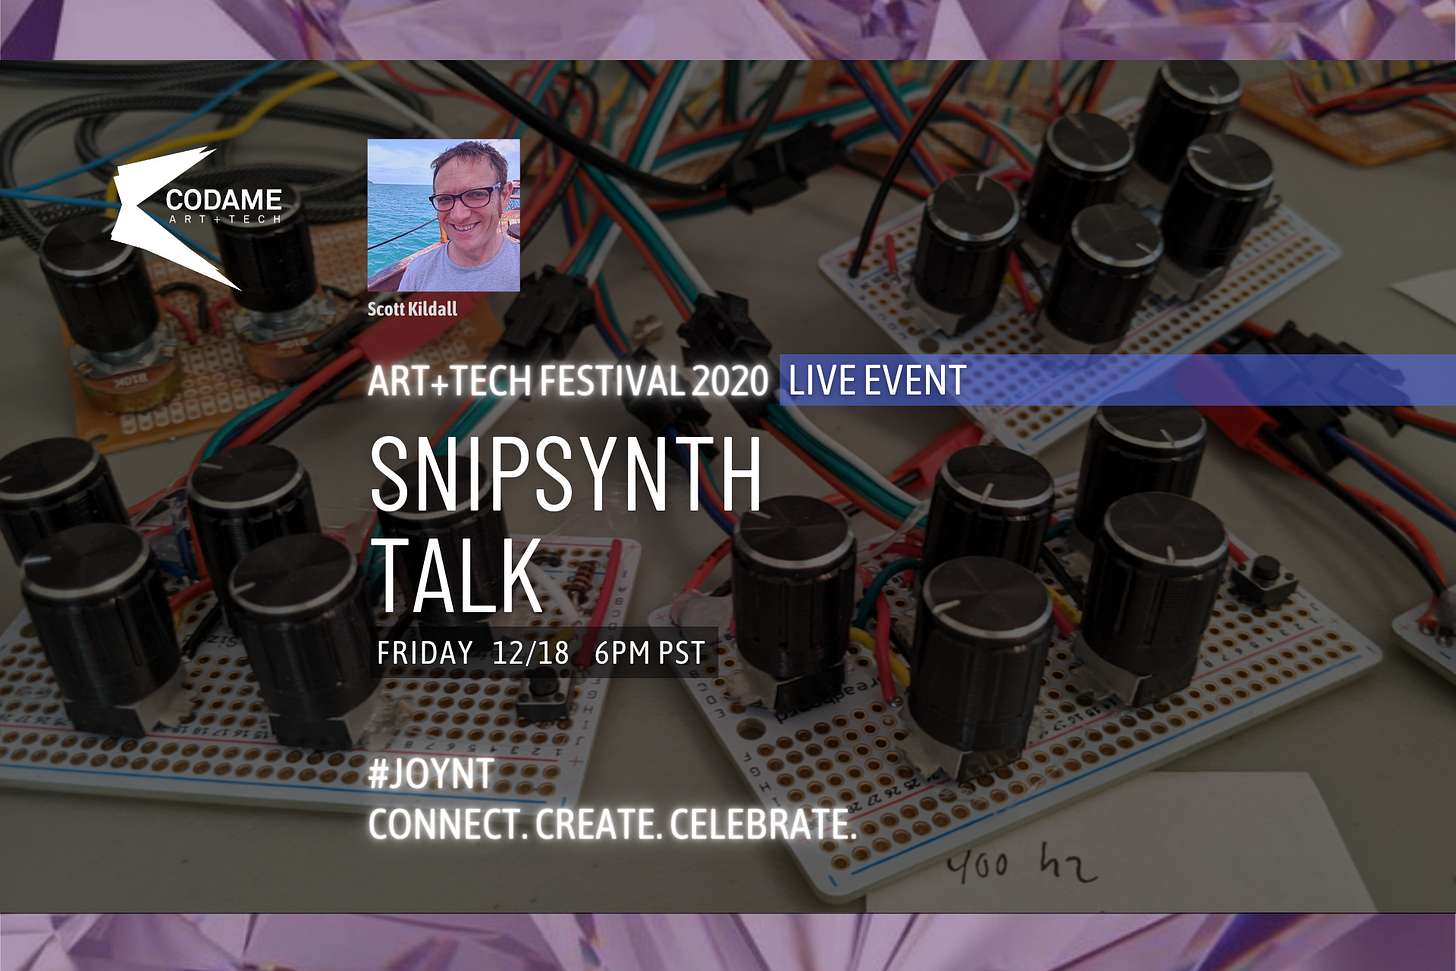 SnipSynth Talk